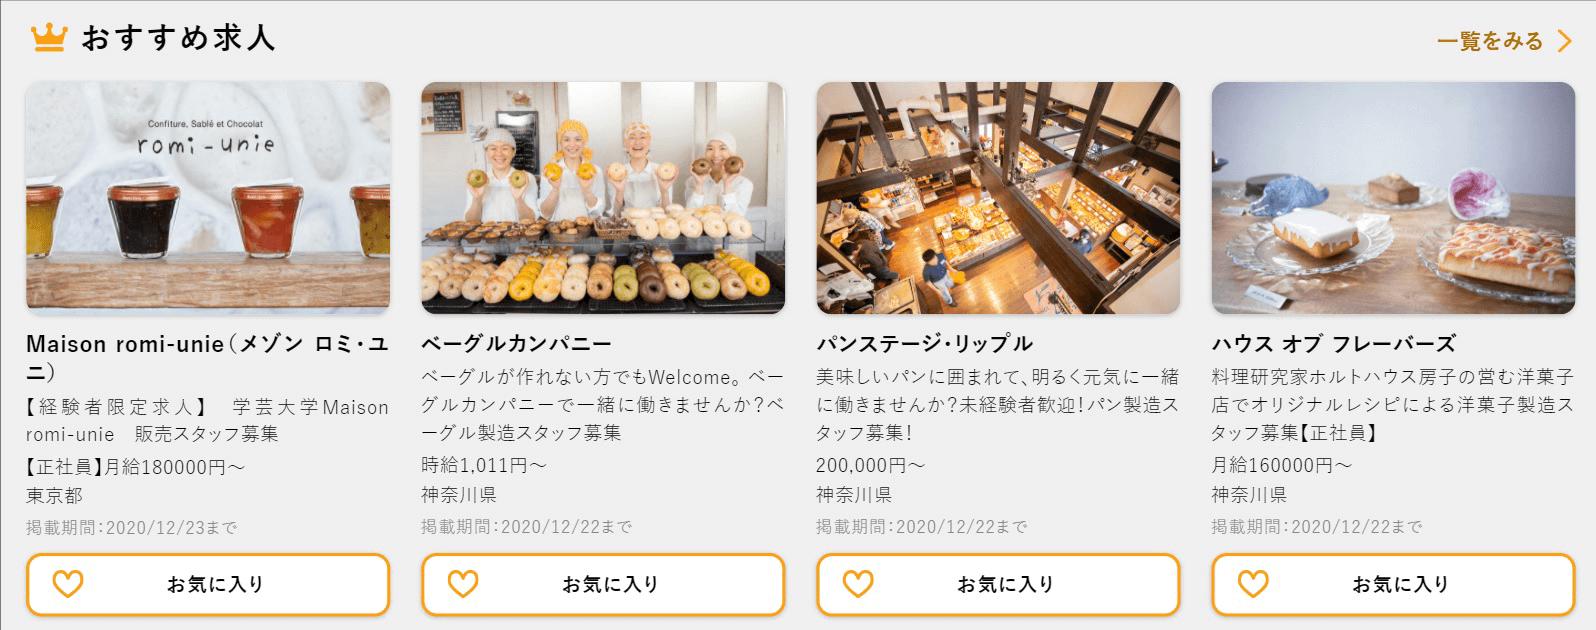 製菓製パン おすすめ 求人